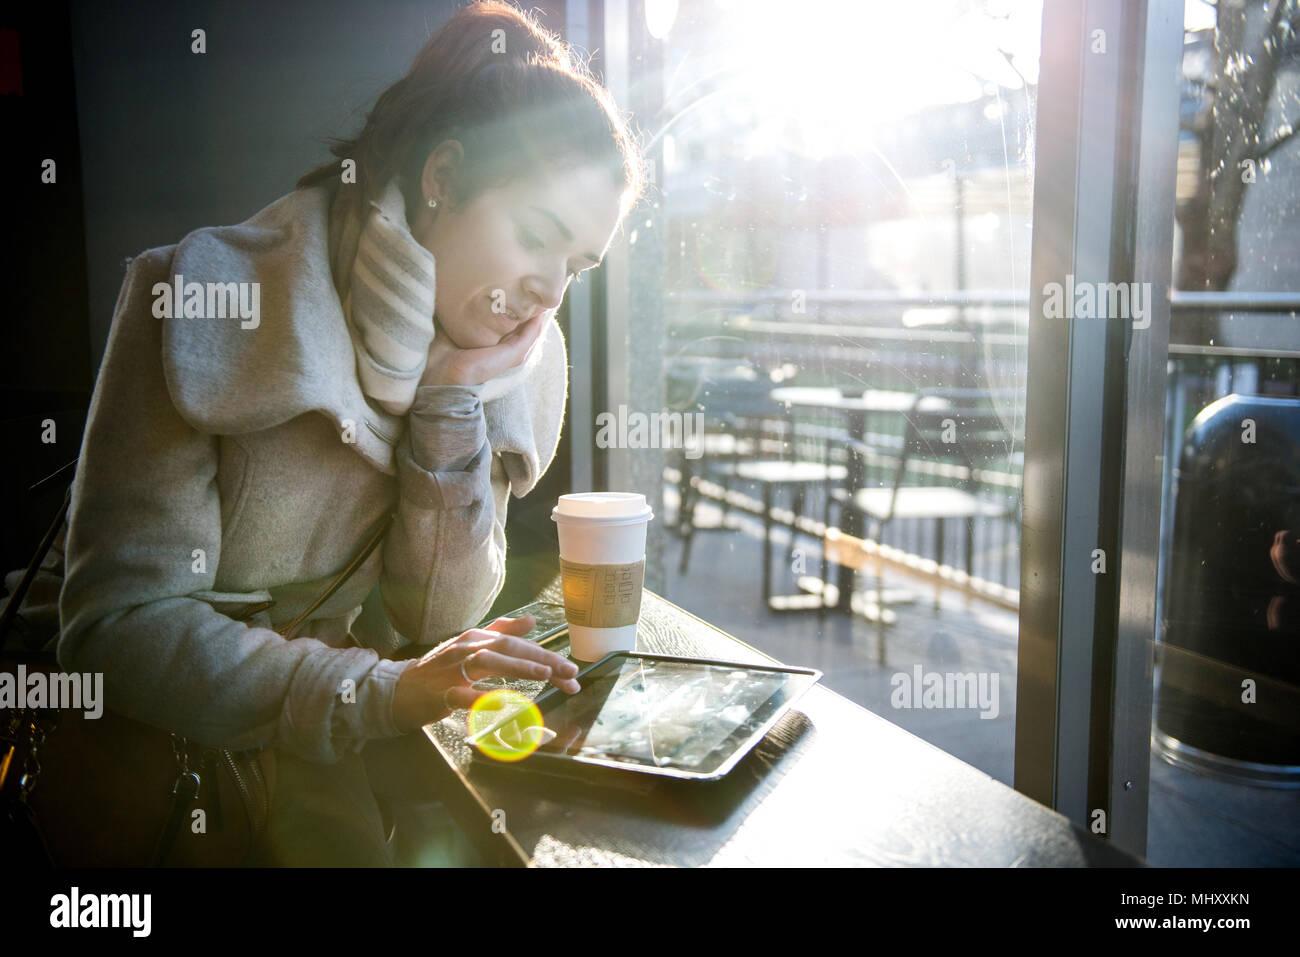 Jeune fille assise dans un café, à l'aide de tablette numérique, London, England, UK Photo Stock